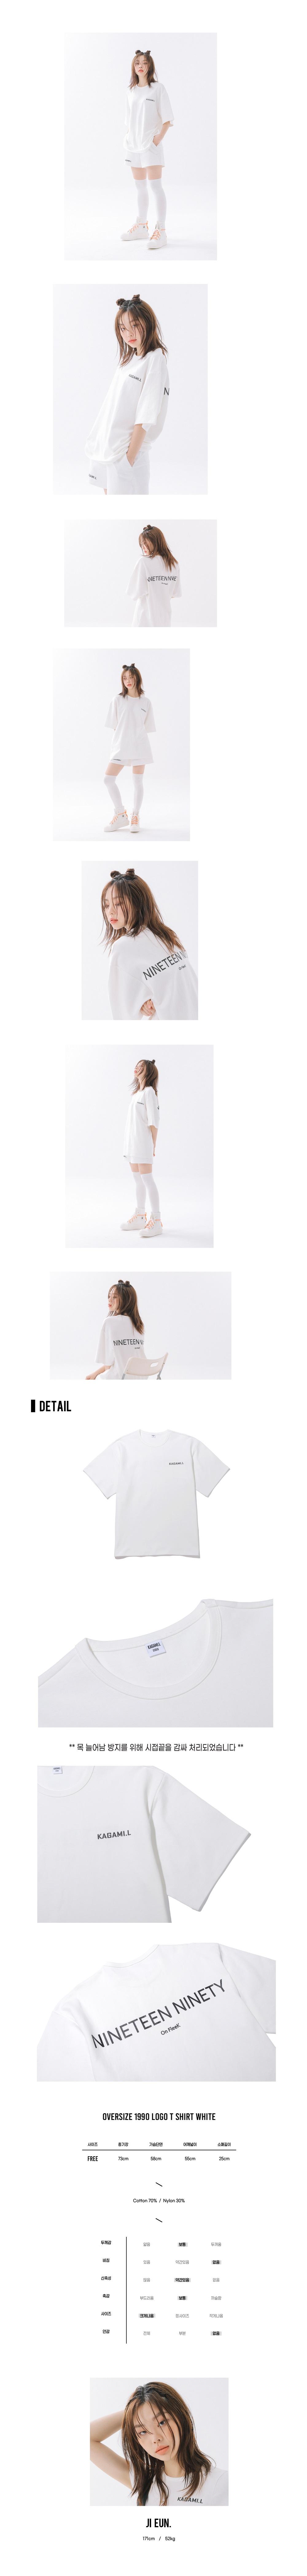 oversize 1990 logo T shirt white_1000_.jpg